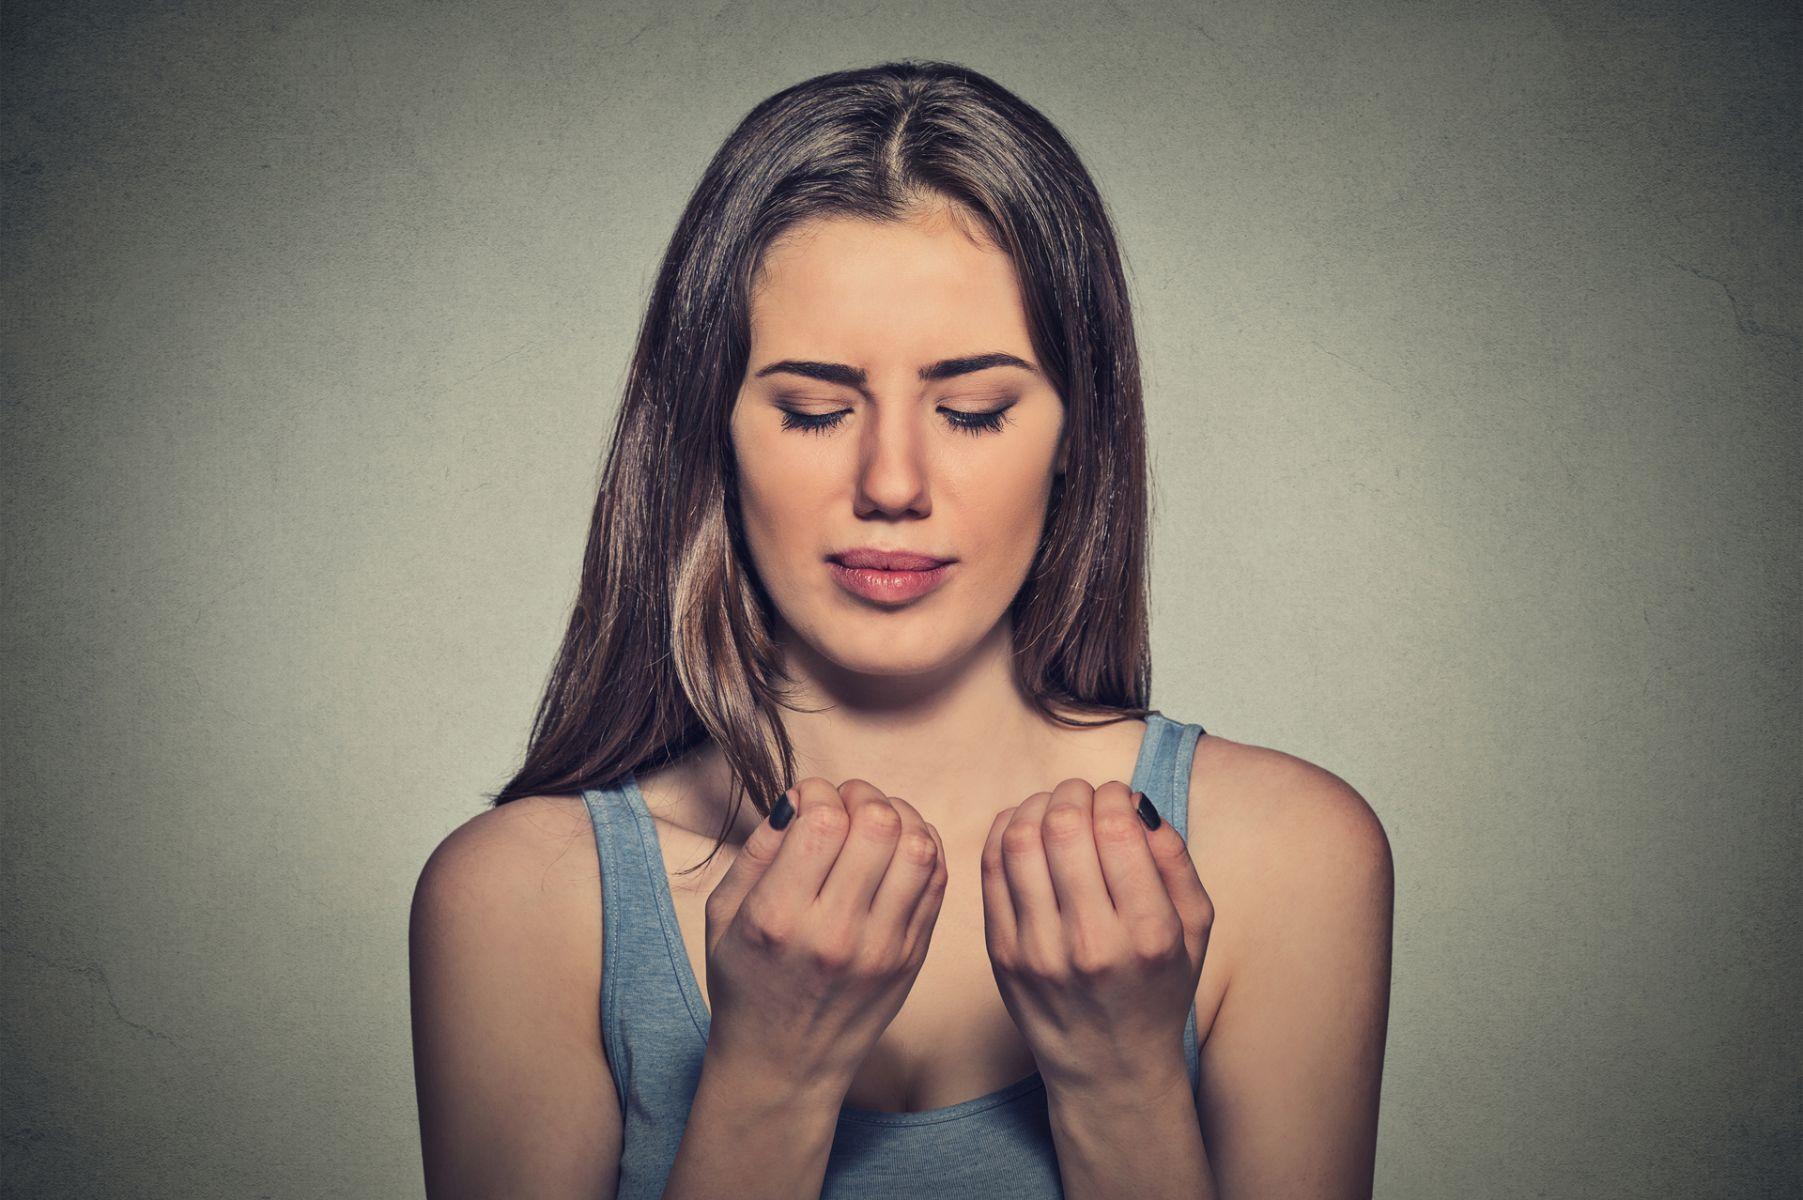 愛美注意!乾癬引來灰指甲、關節炎 她塗指甲油遮醜反惡化